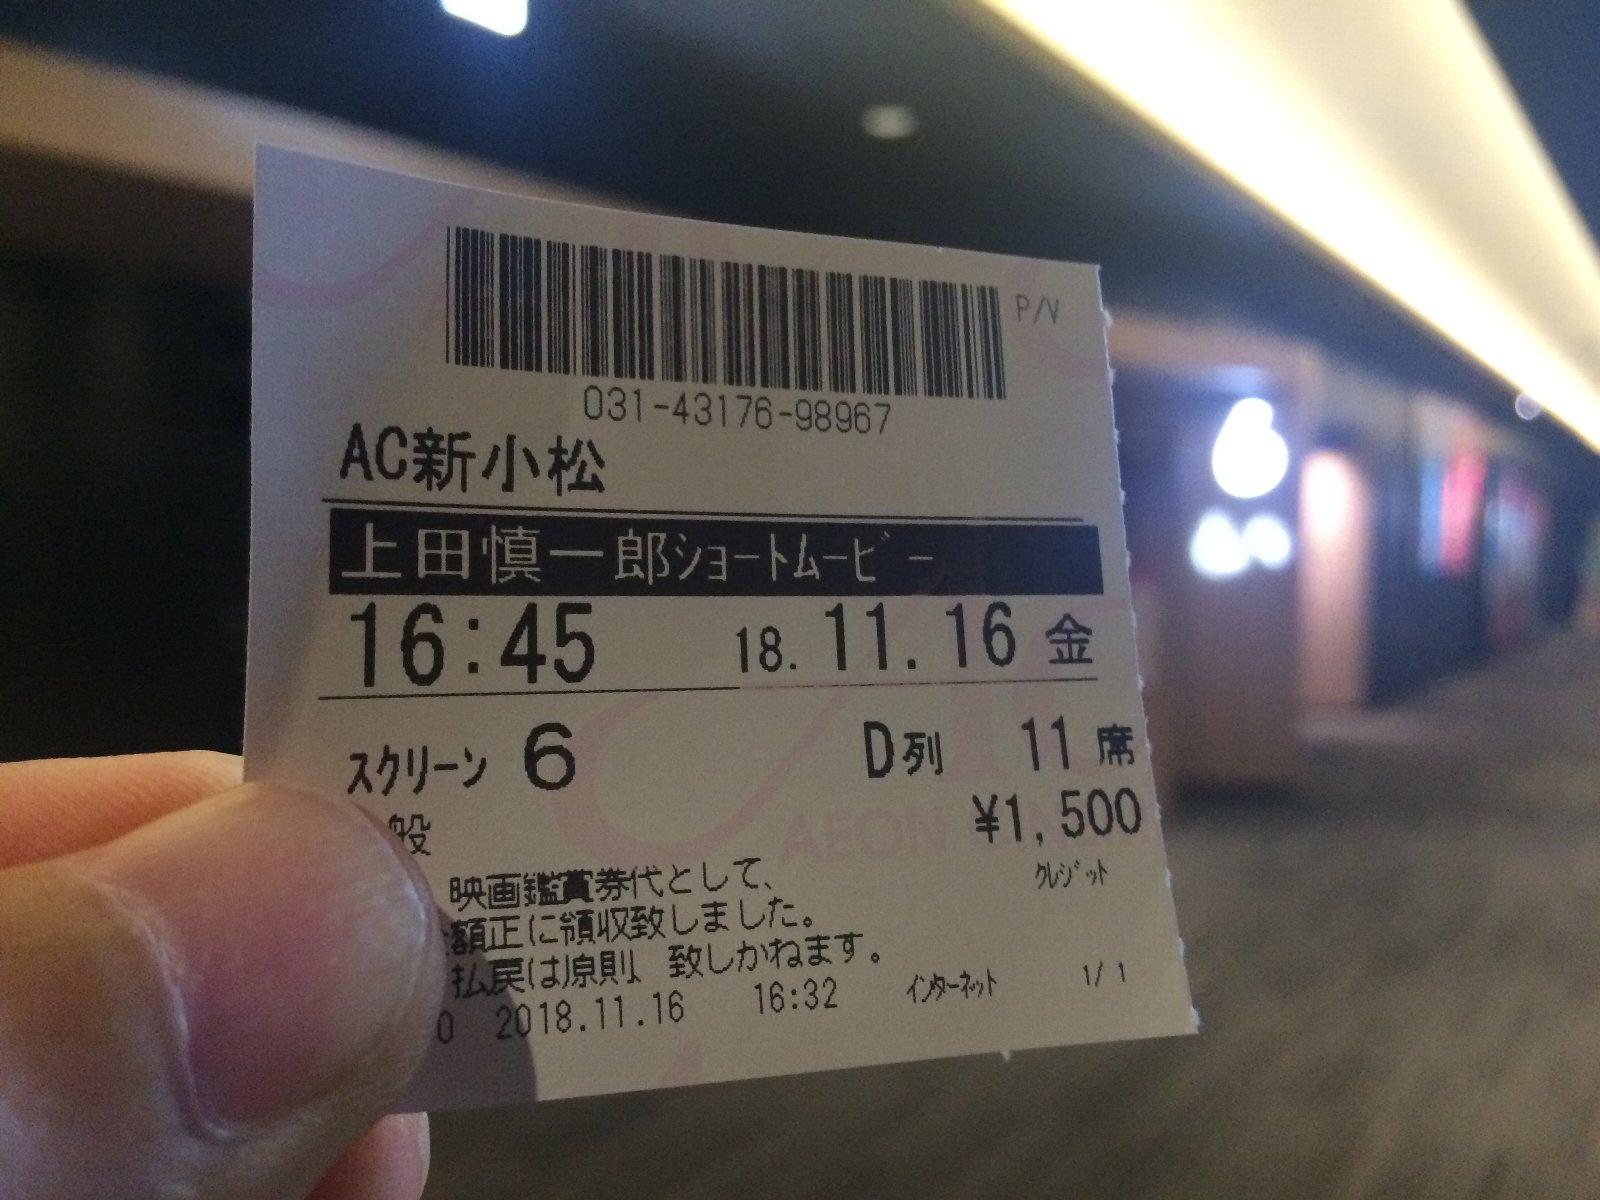 『上田慎一郎ショートフィルム』チケット